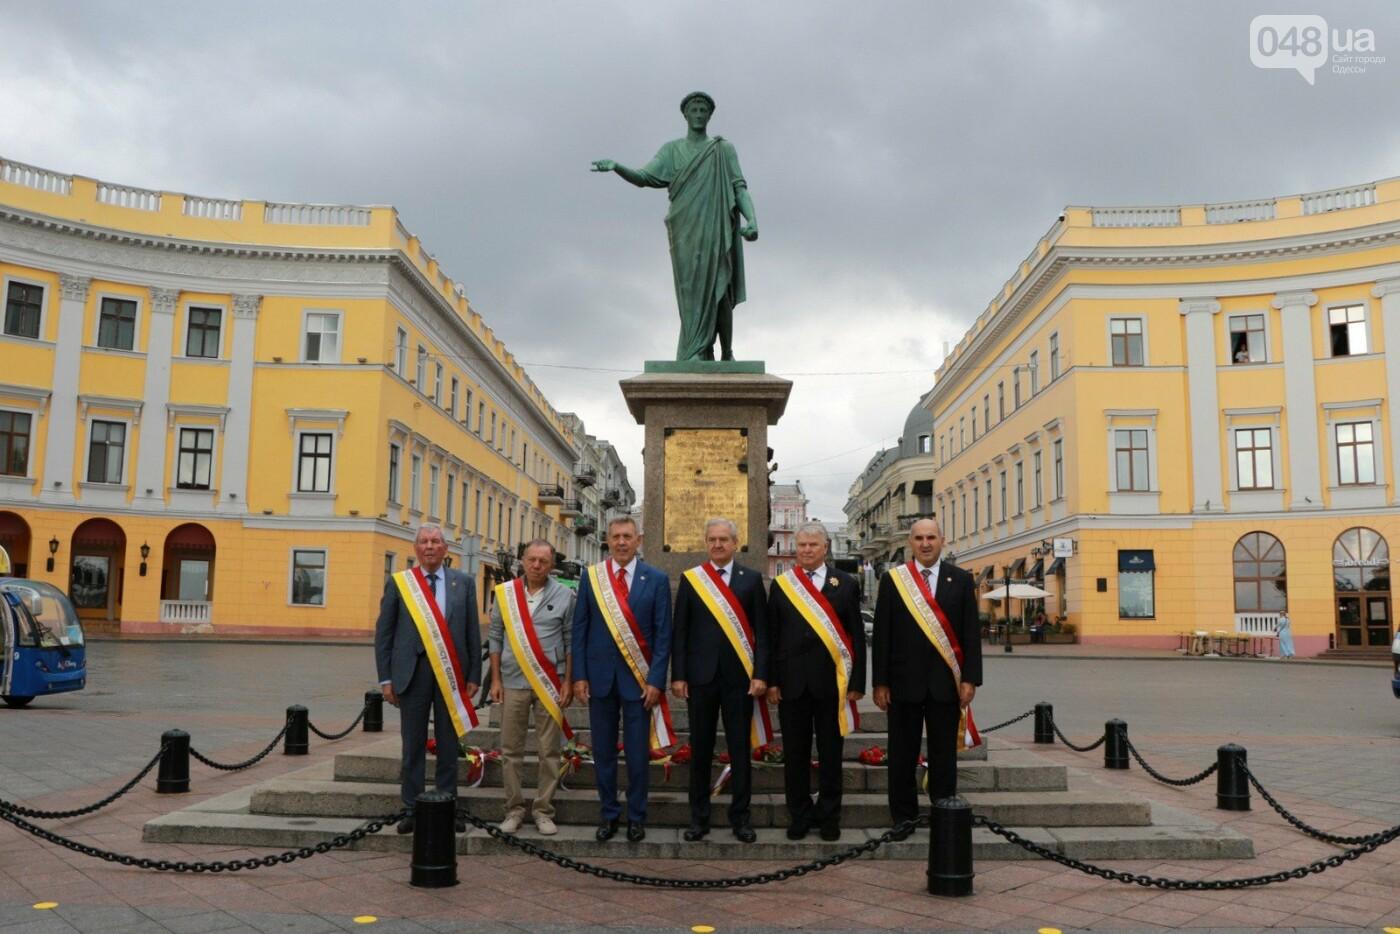 День Одессы 2021: почетные граждане возложили розы к памятнику Екатерине II,- ФОТО, фото-4